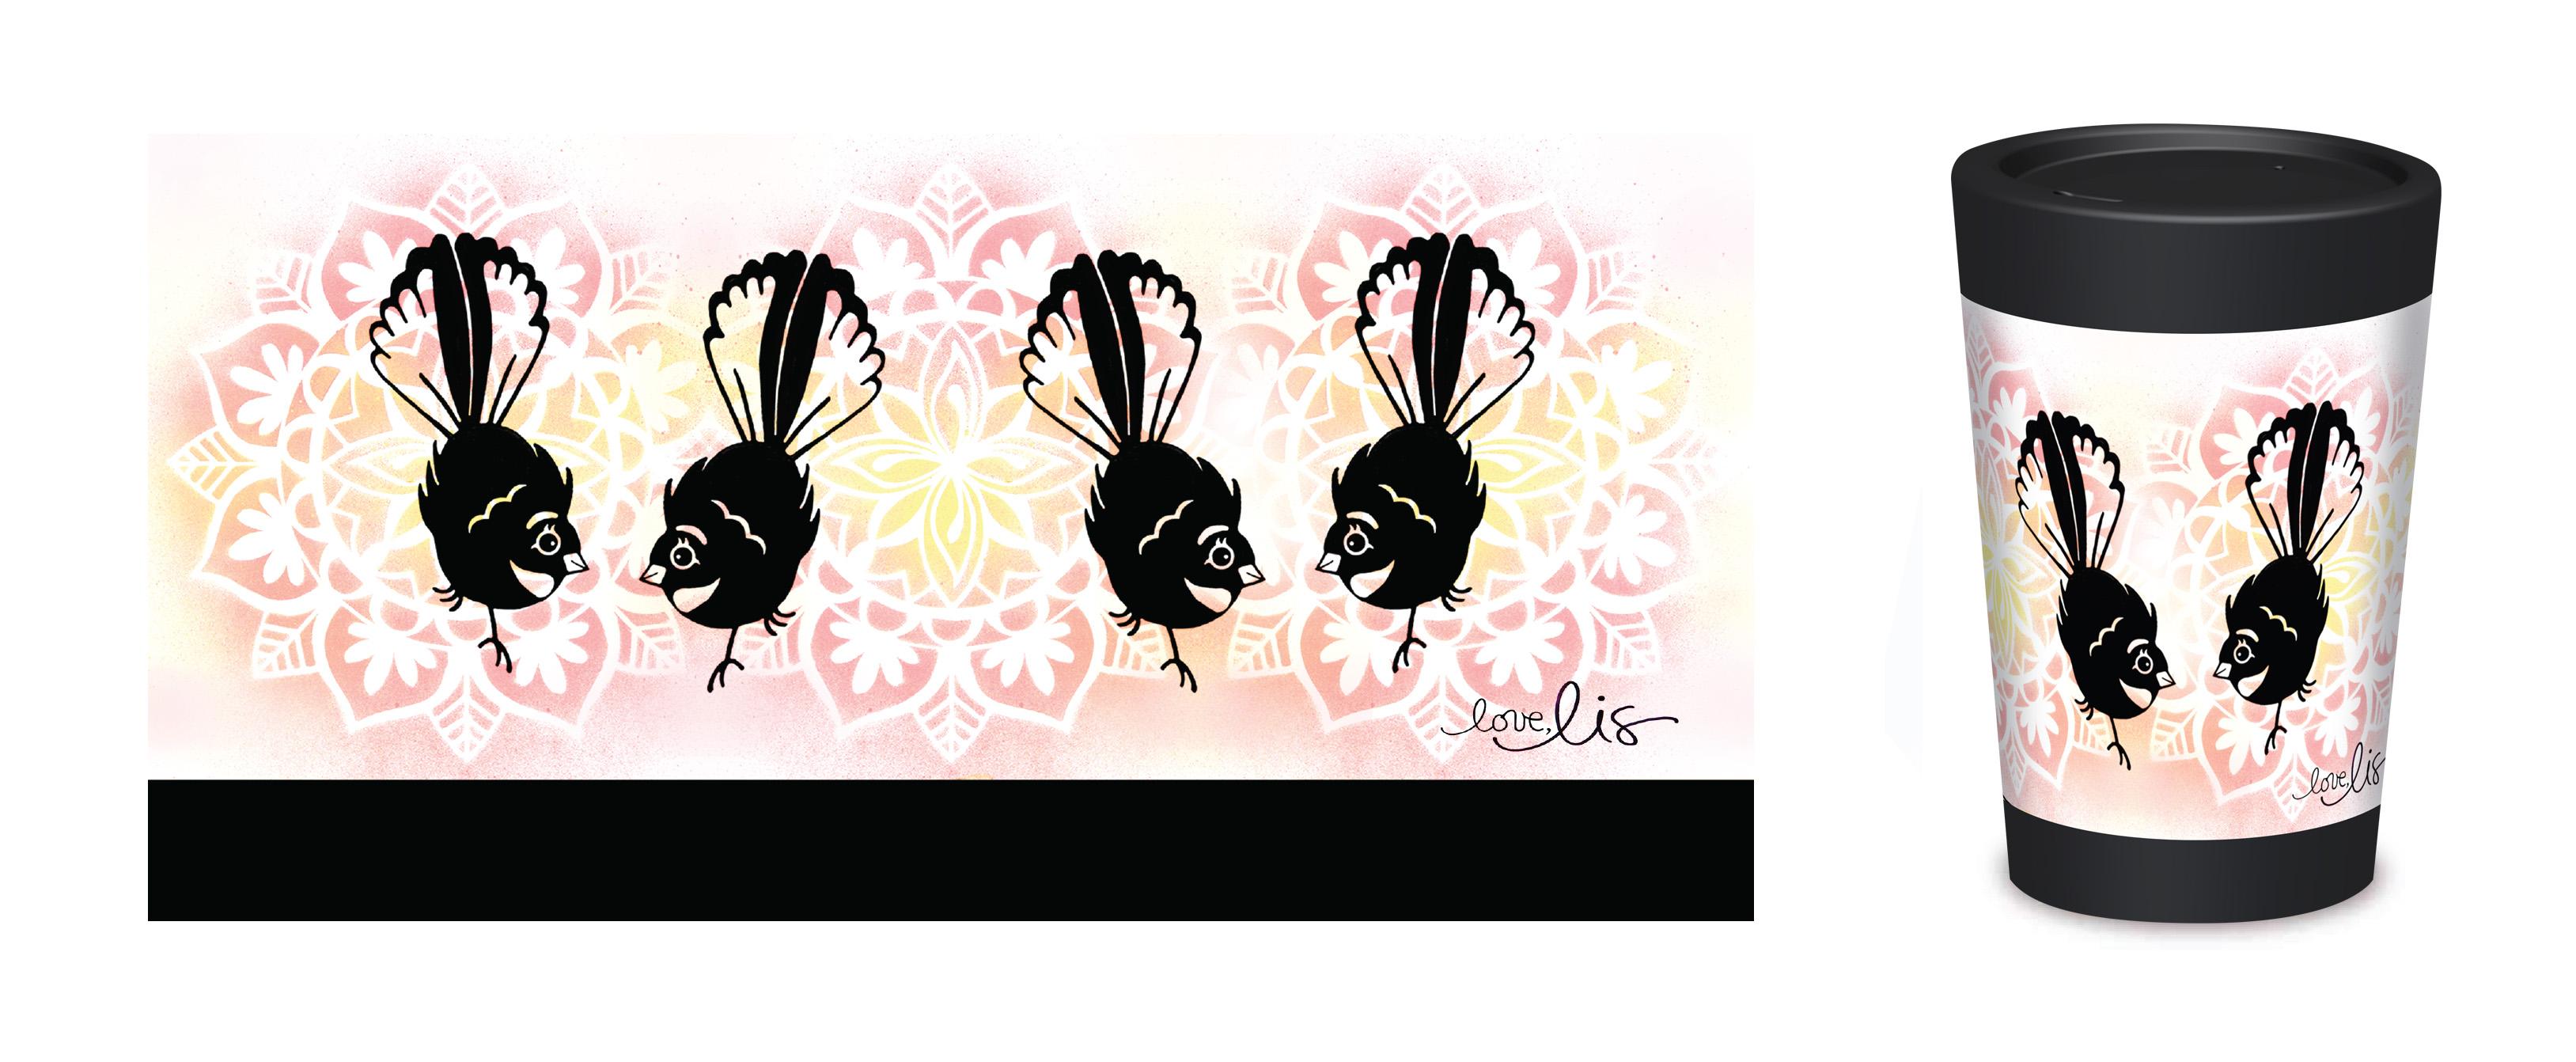 Love Lis Fantail